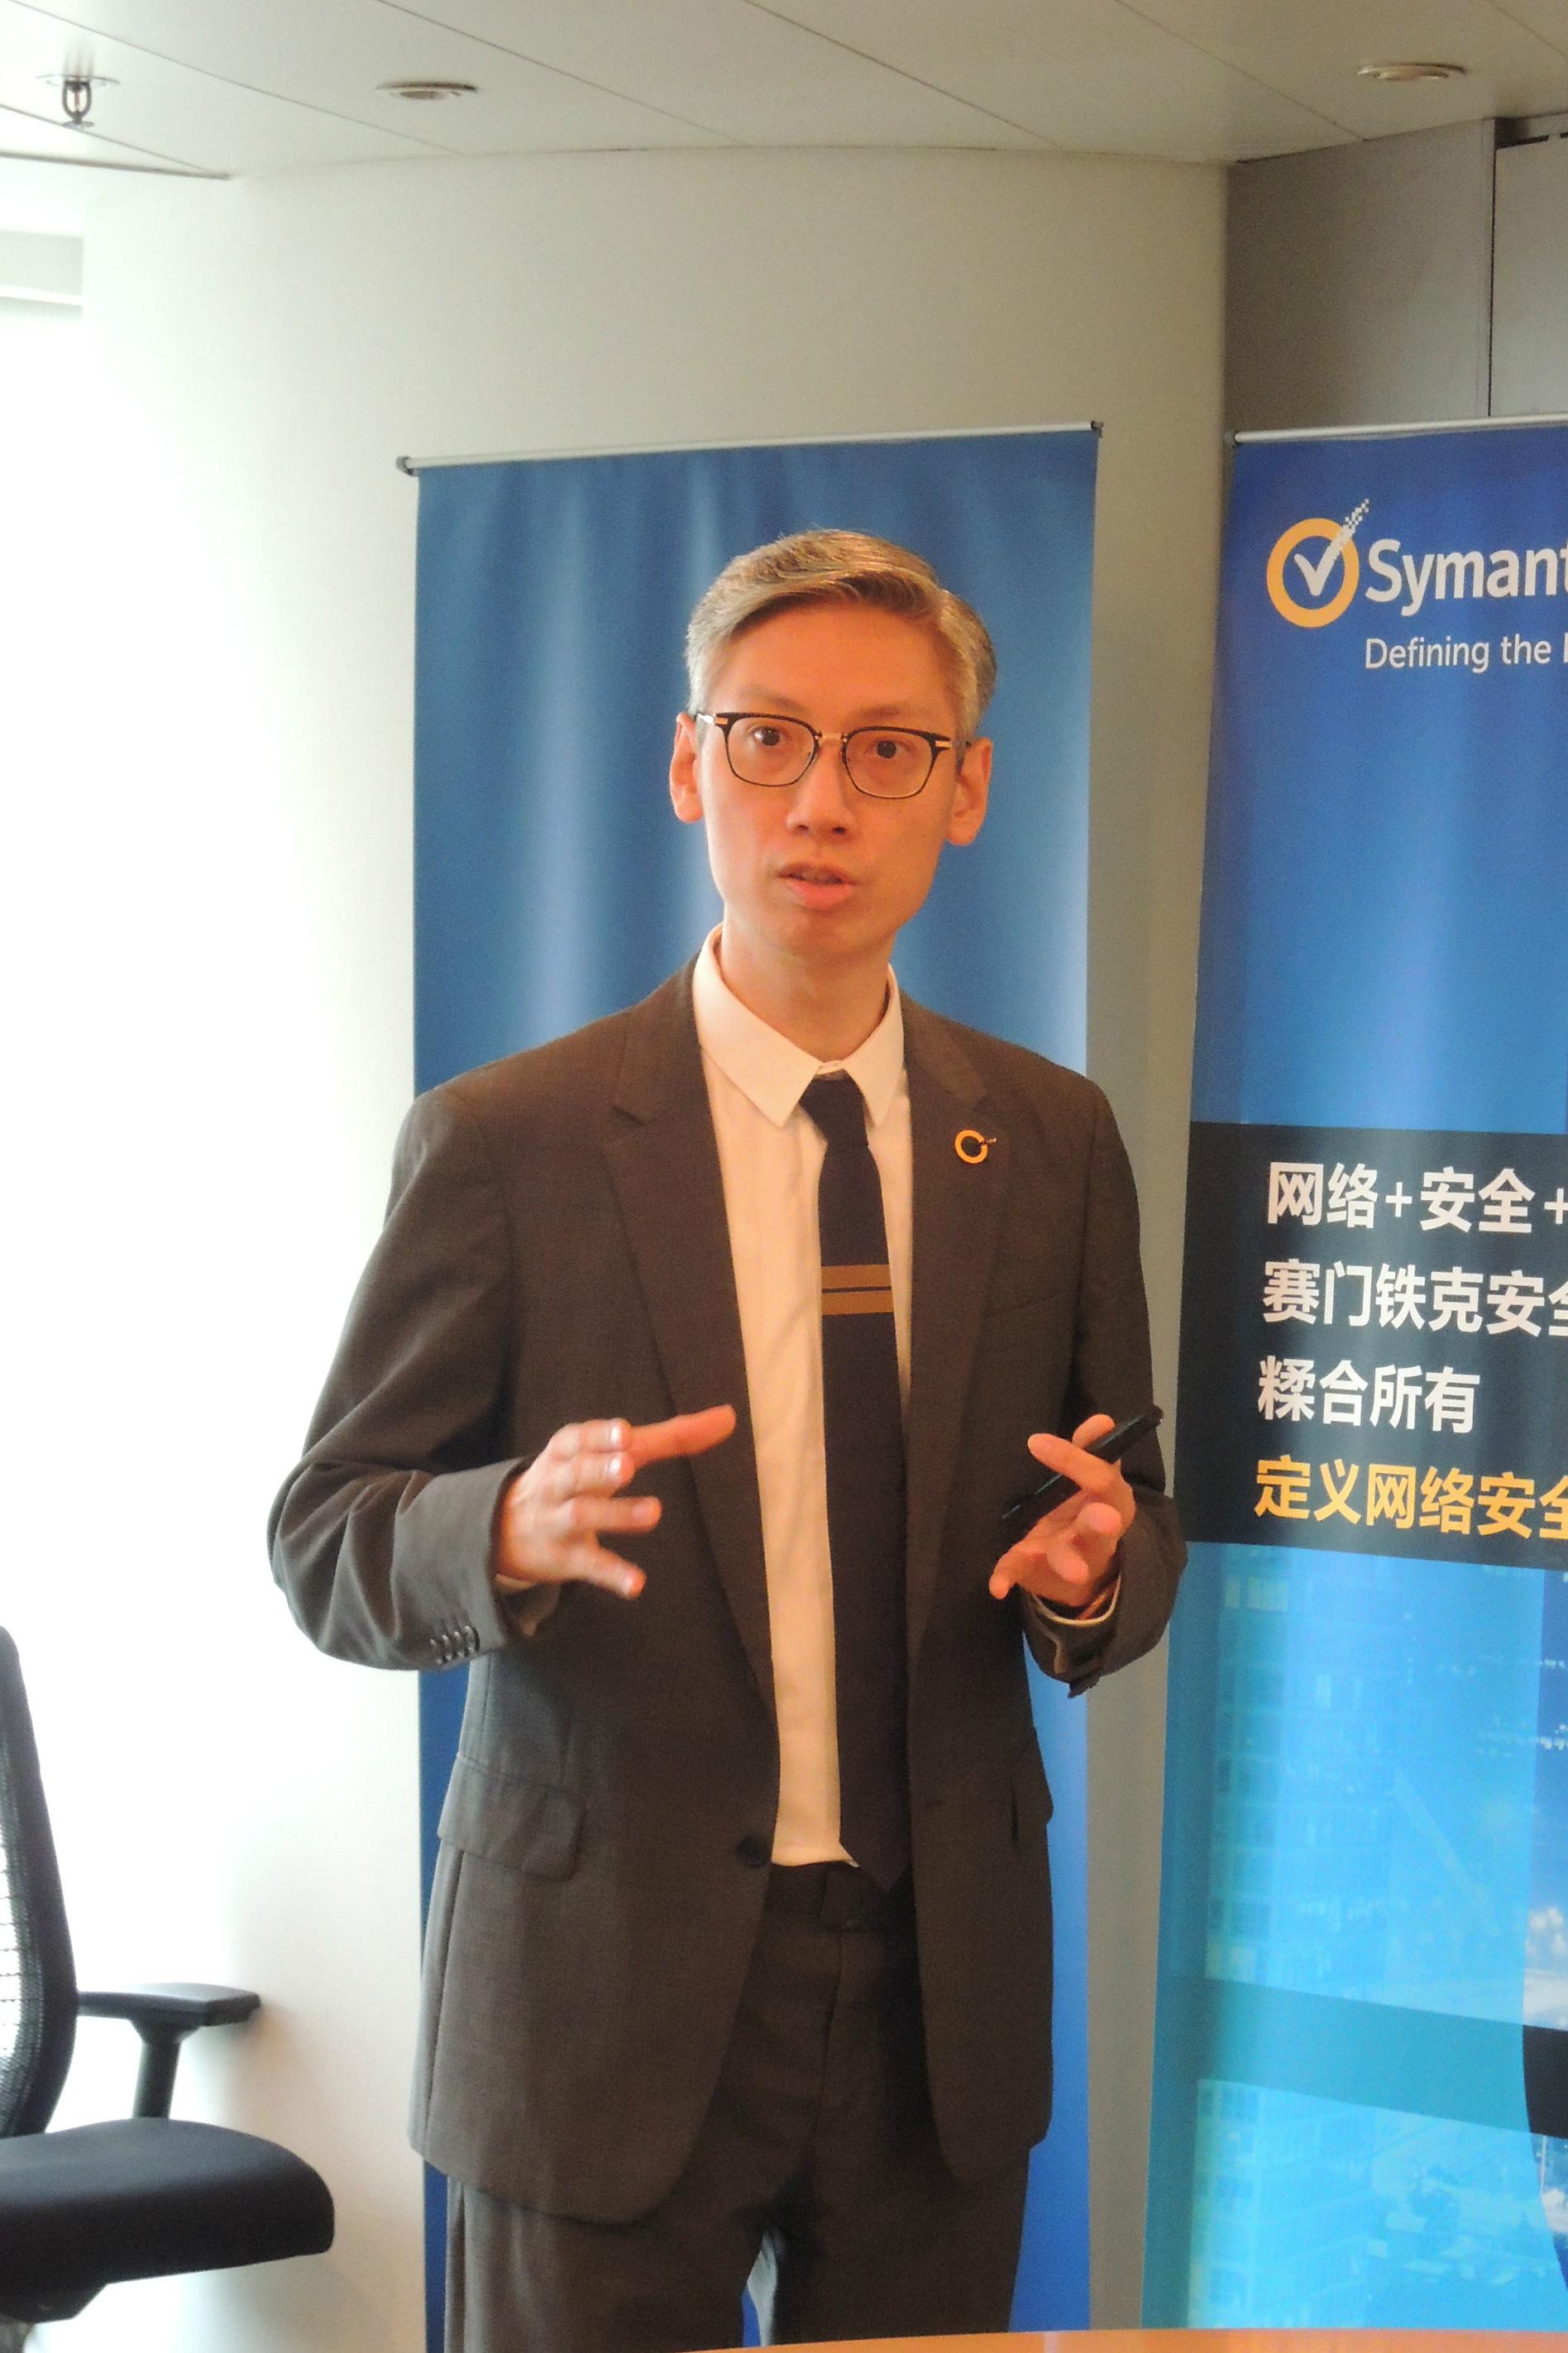 赛门铁克公司大中华区首席运营官罗少辉发表演讲 2